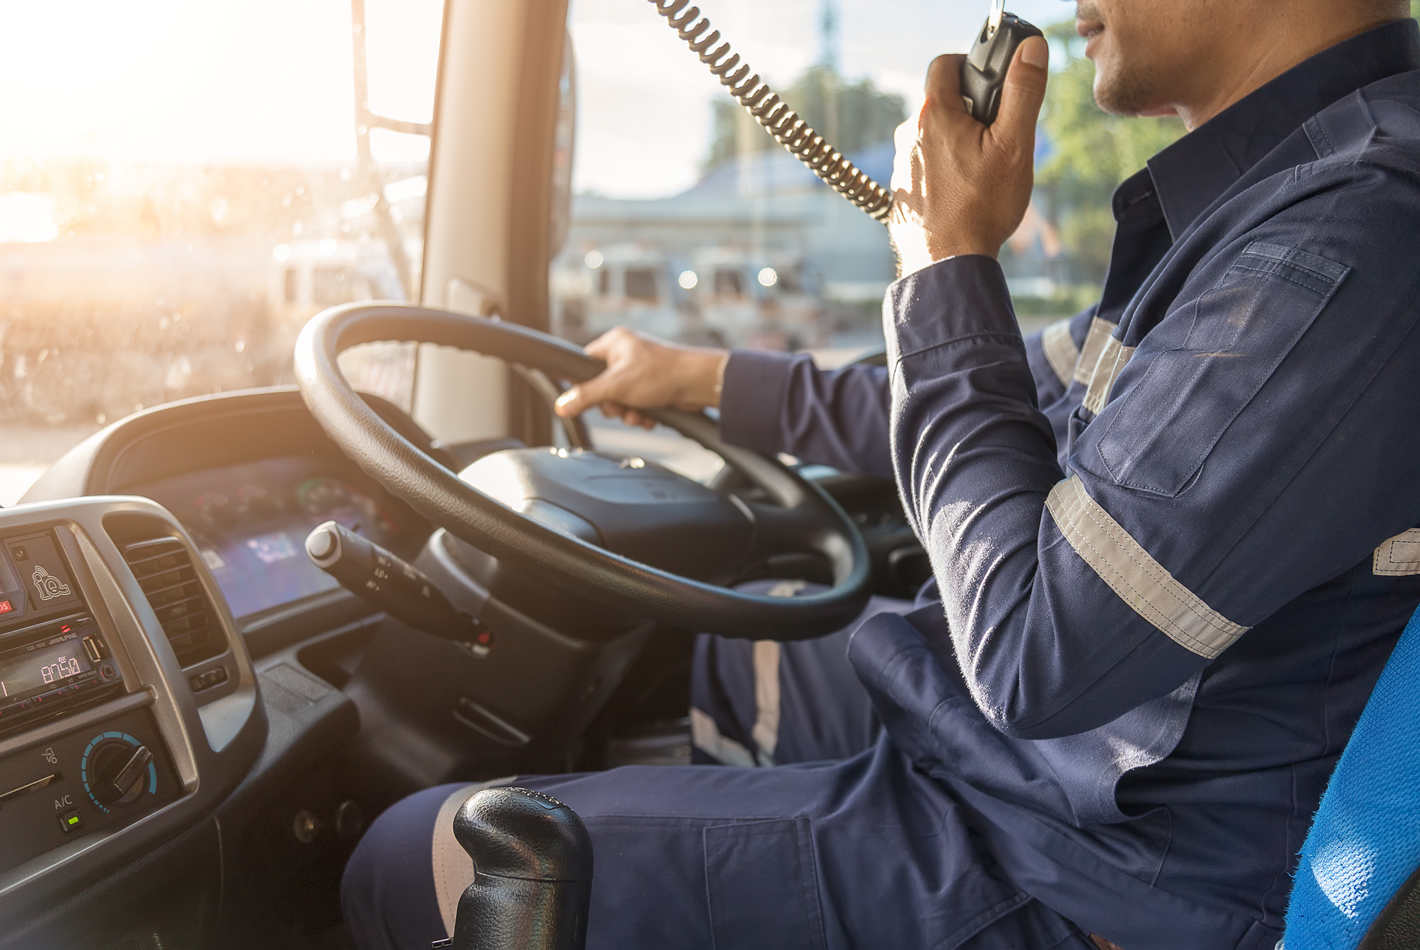 Solve-It: DataLab - Fleet & Driver Safety